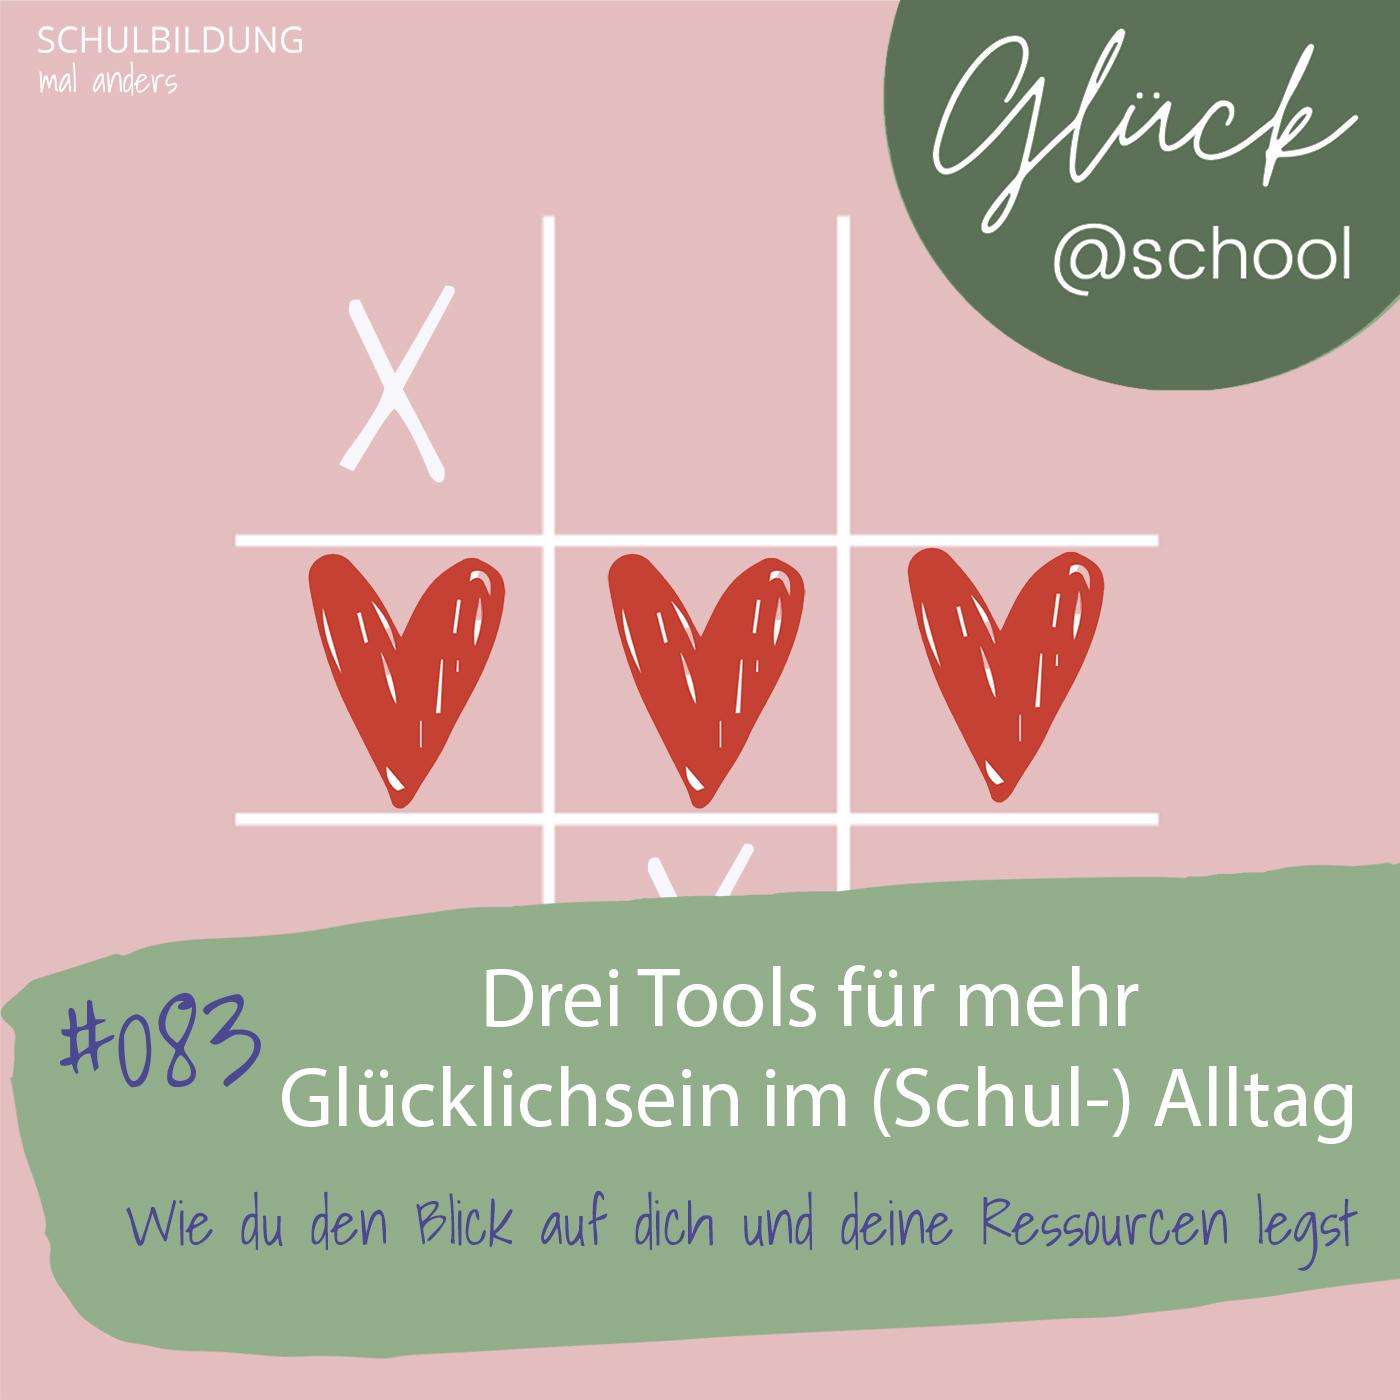 Glück @school mit Mia: Drei Tools für mehr Glücklichsein im (Schul-) Alltag